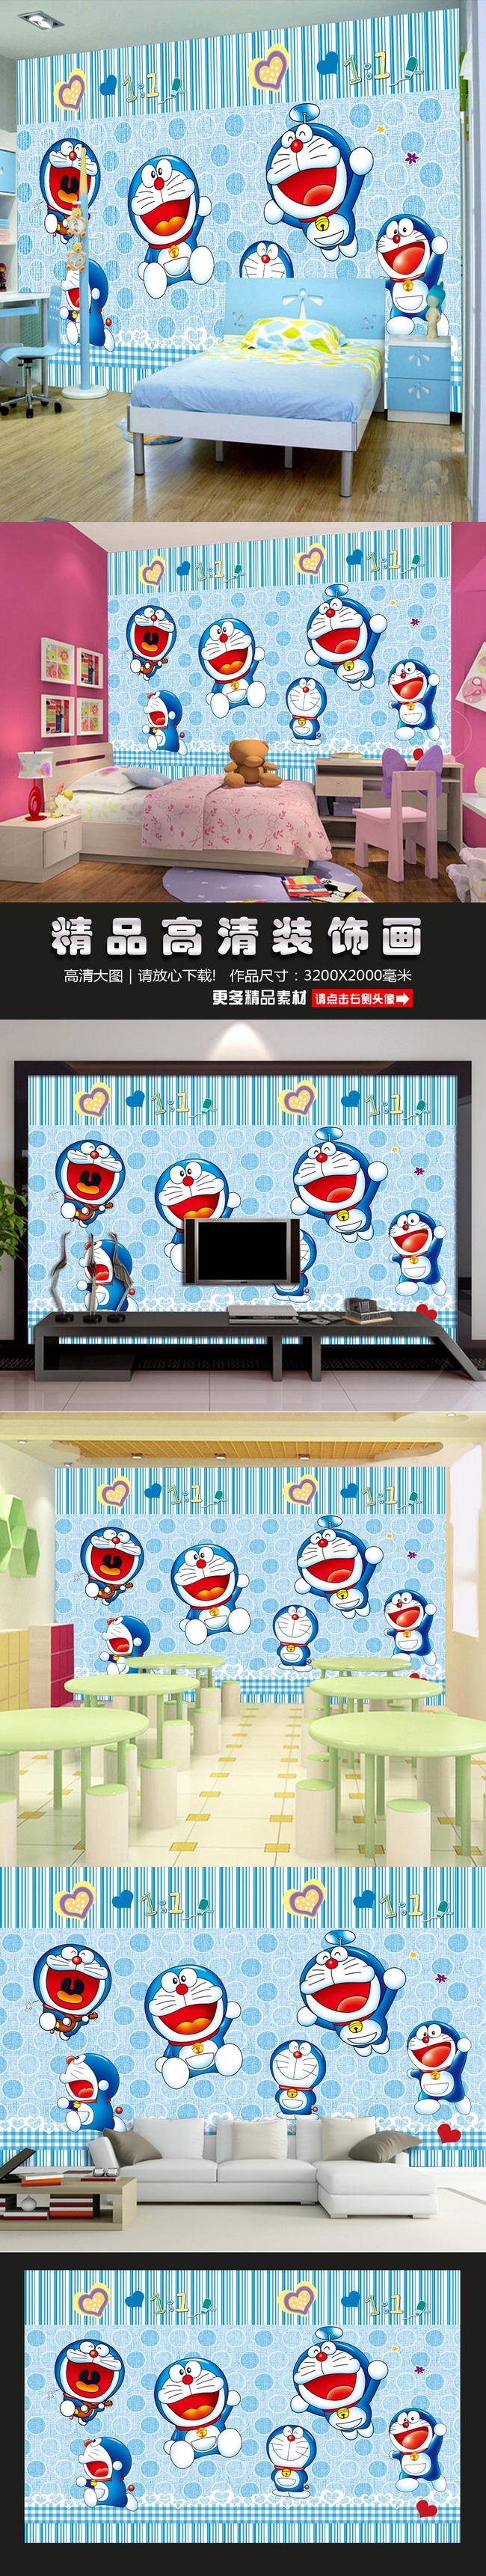 哆啦a梦手绘卡通壁画壁纸背景墙下载